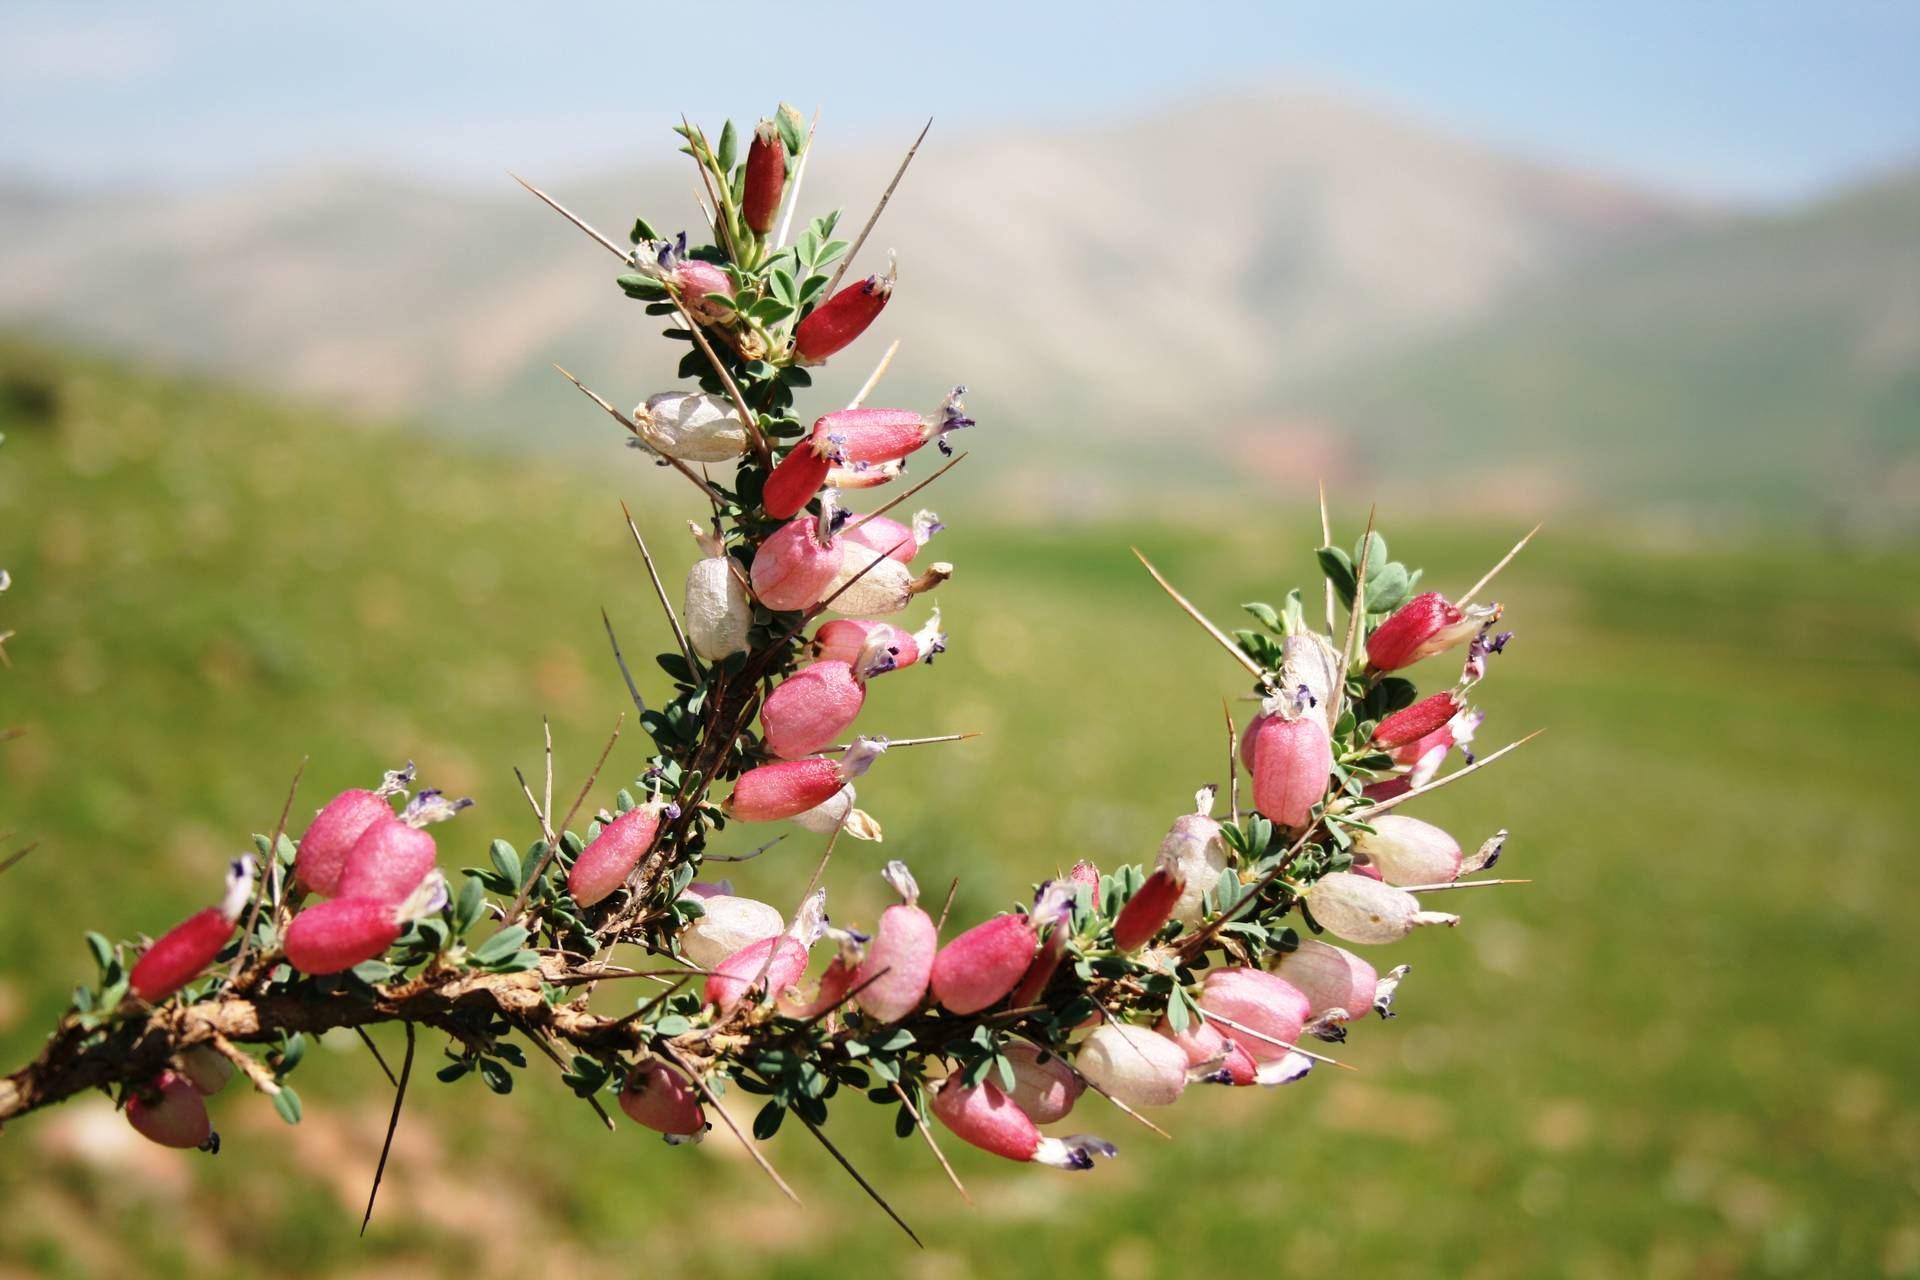 Astragalus spinous (Forssk.) Muschl.